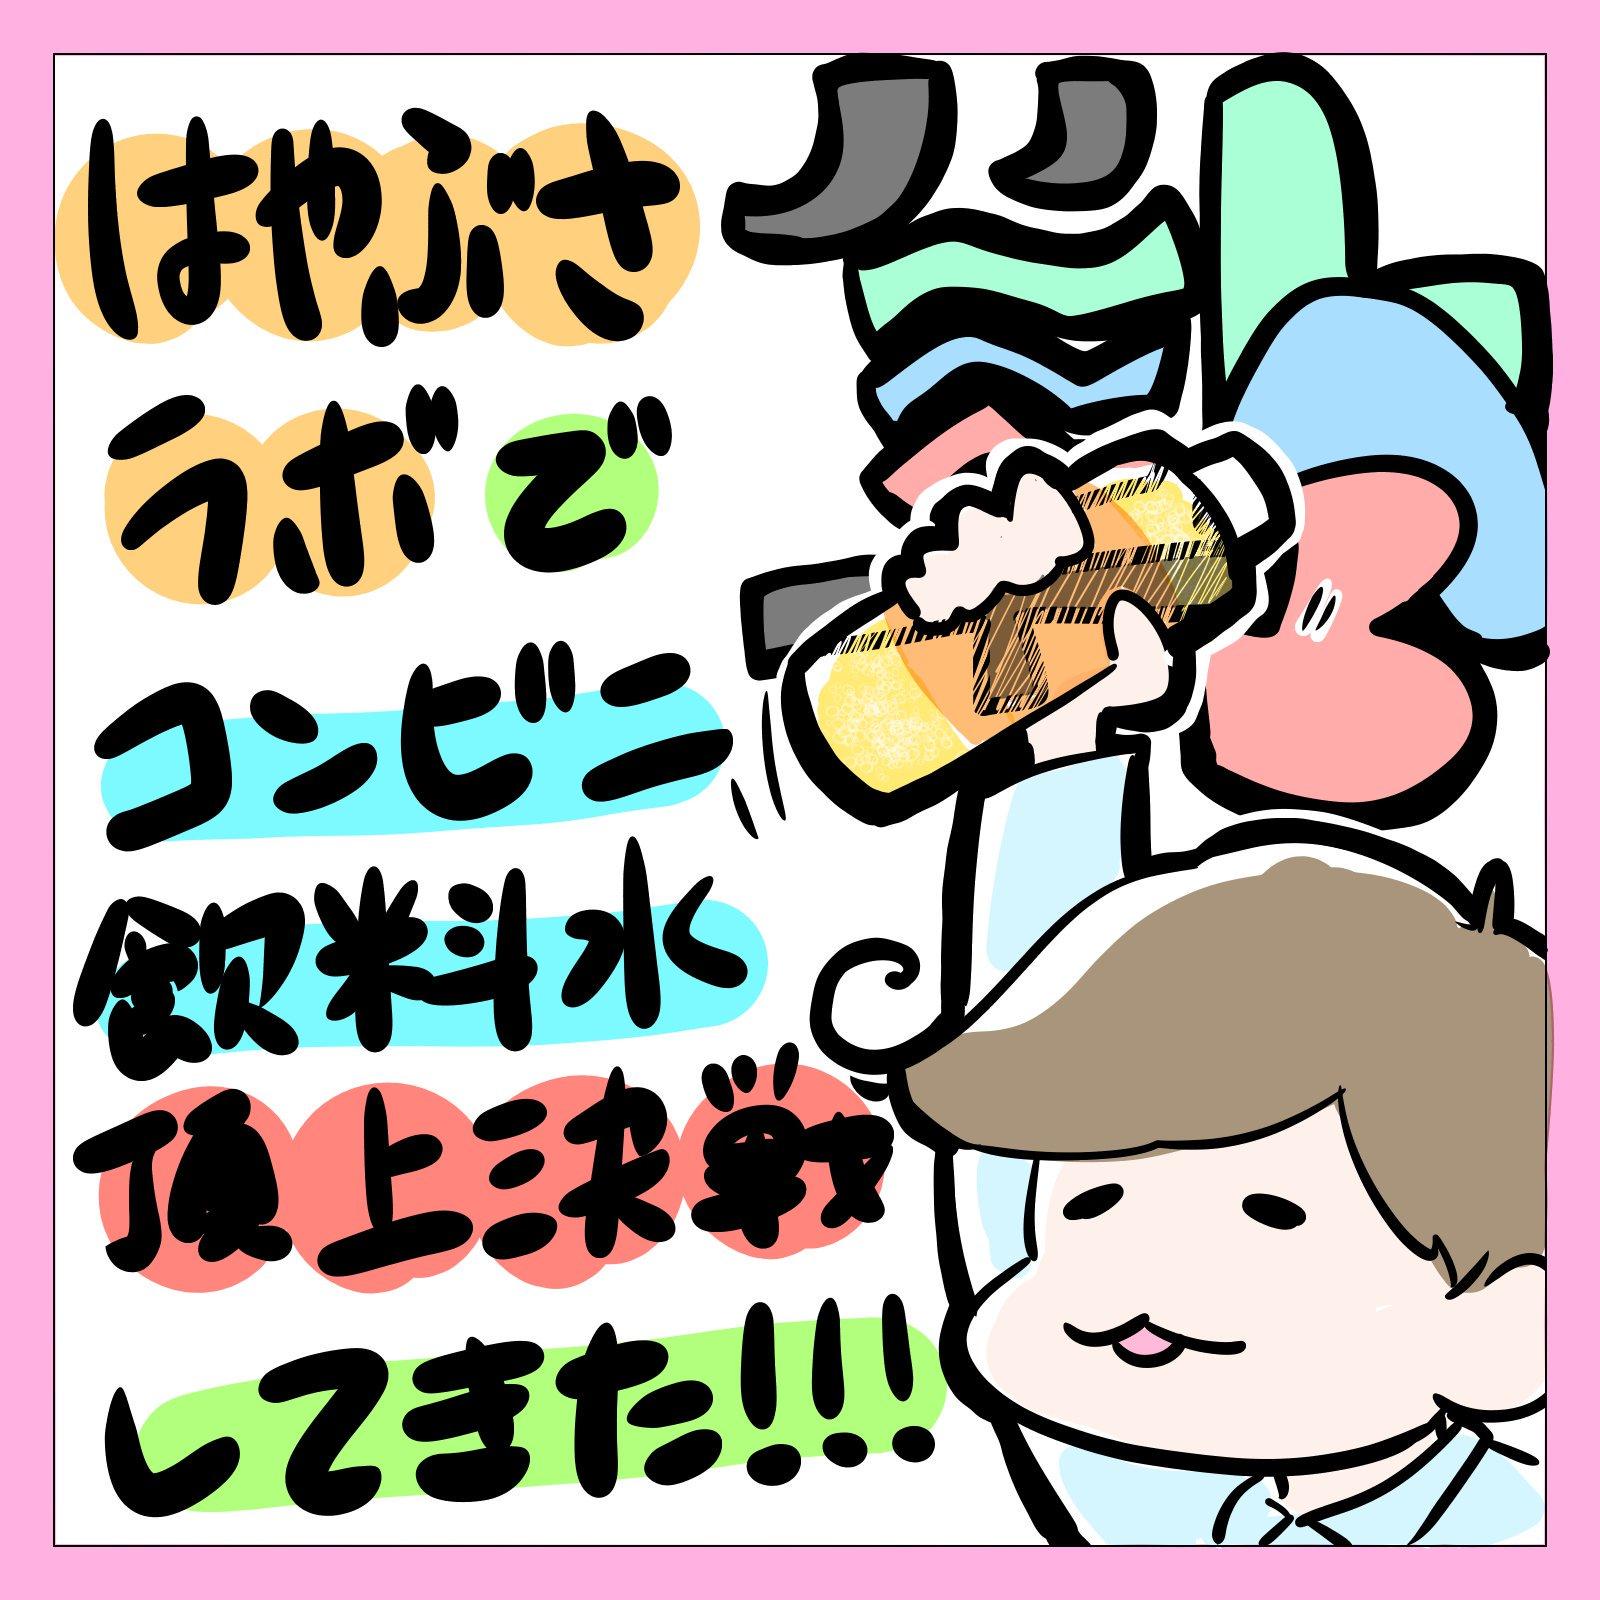 八頭町の隼Lab(ラボ)でプレゼン頂上決戦を開催!!!!